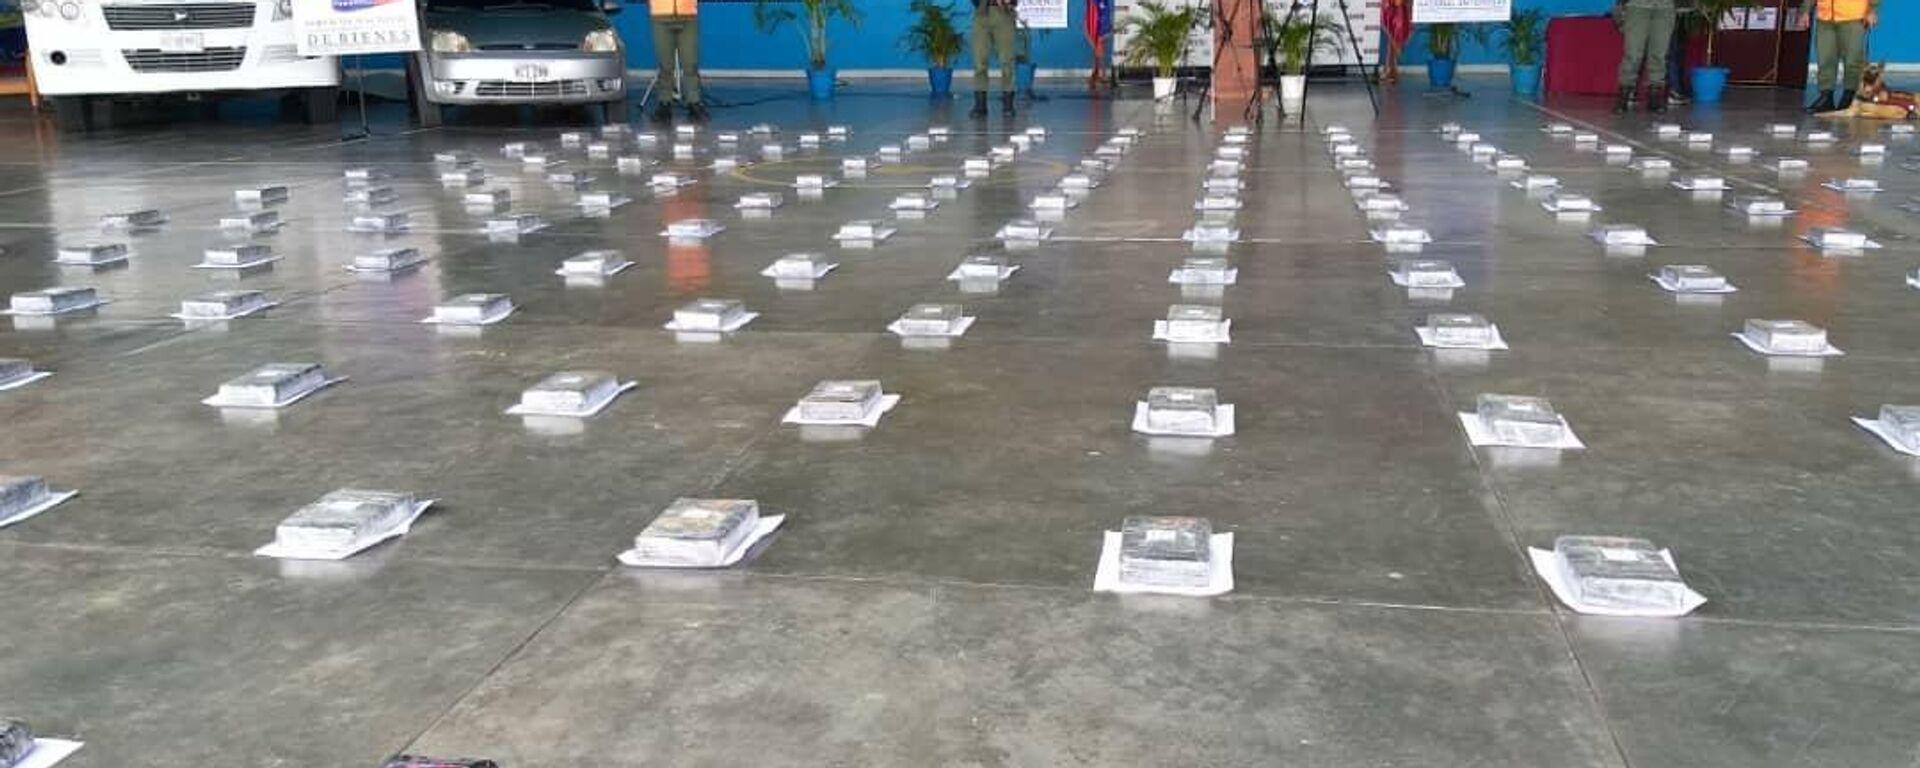 Droga incautada por las autoridades de Venezuela - Sputnik Mundo, 1920, 24.09.2021